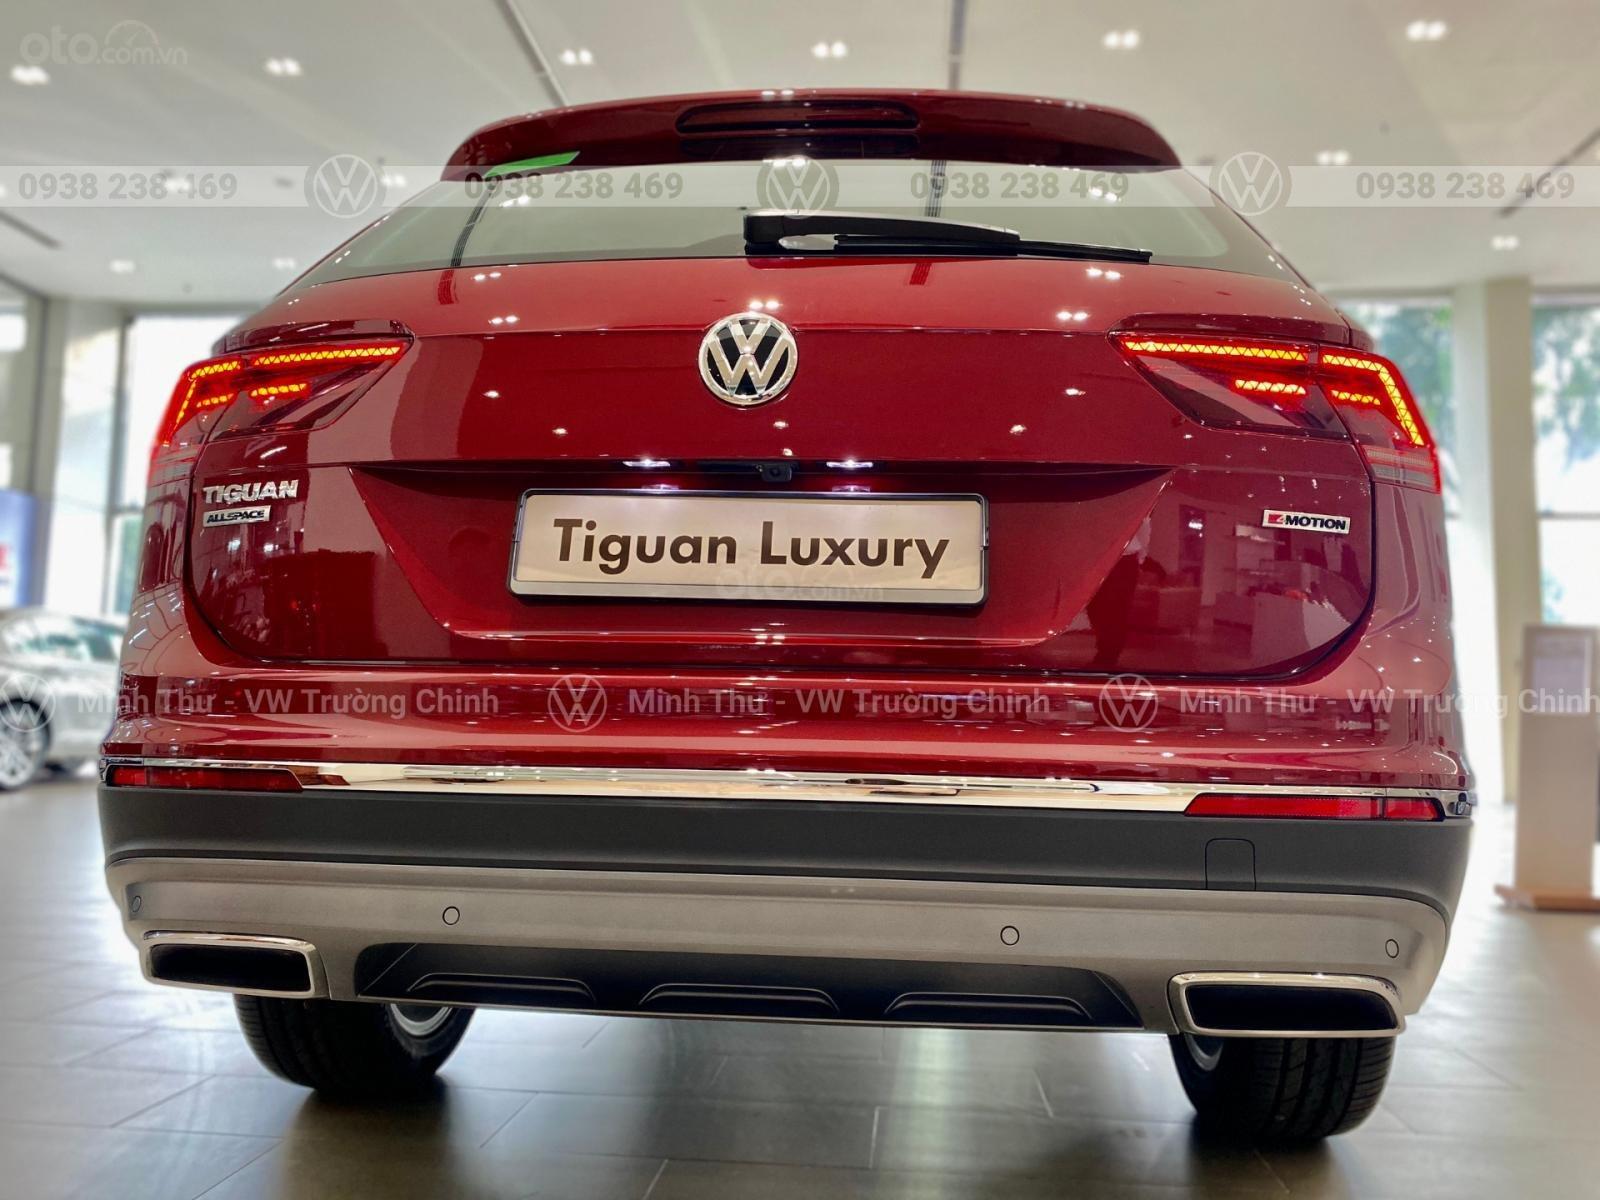 Tiguan allspace Luxury màu đỏ - Giảm 120 triệu tiền mặt + quà tặng từ vw sài gòn - Lái thử tận nhà (9)